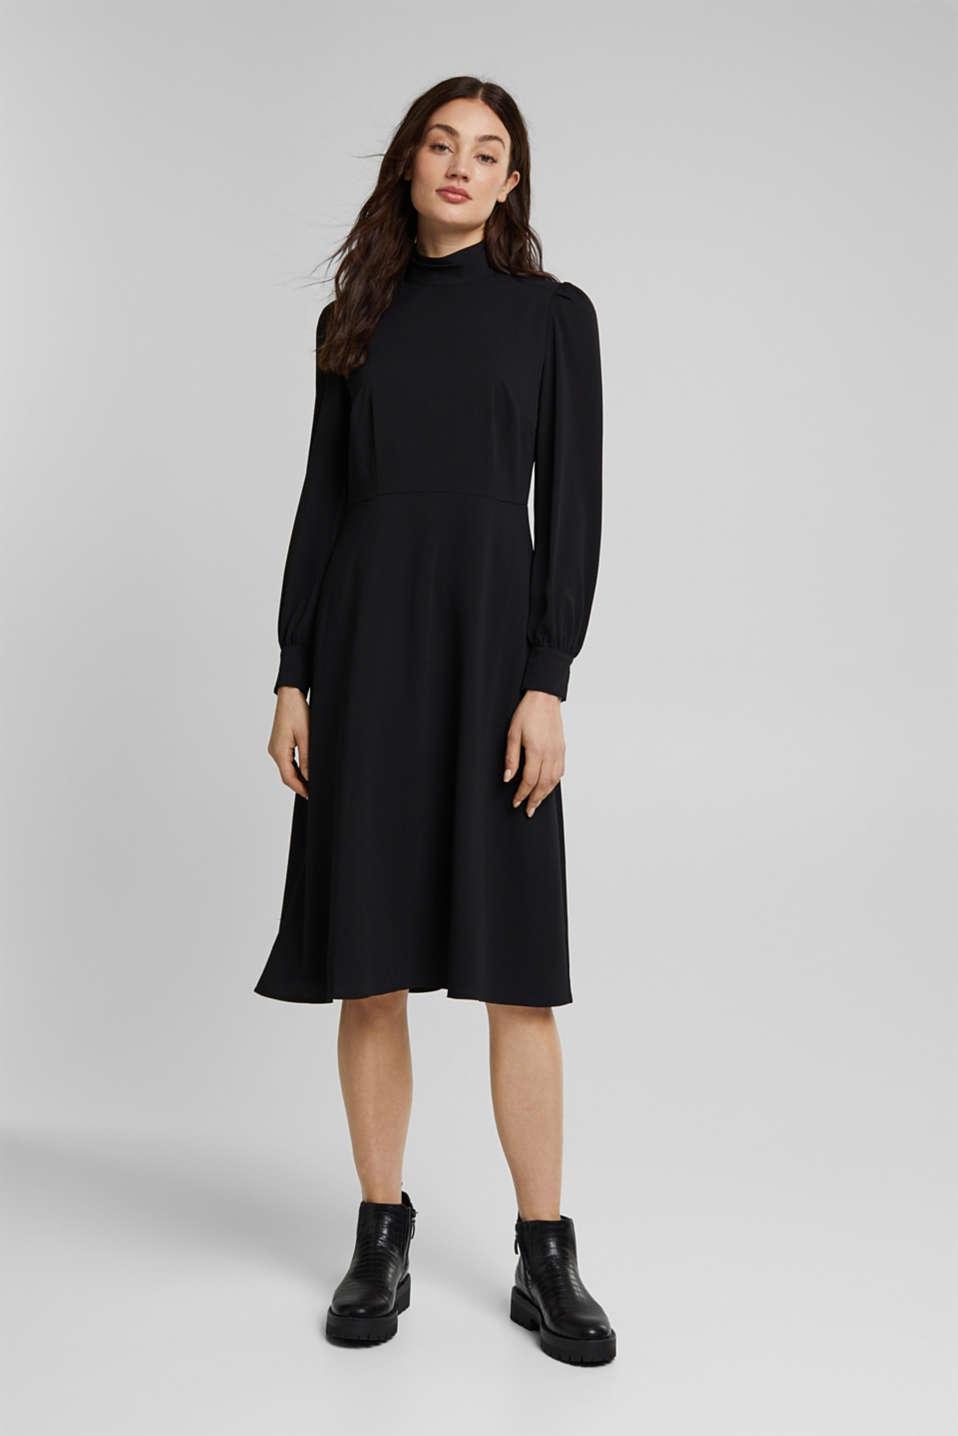 Esprit - Midi-Kleid mit Stehkragen im Online Shop kaufen